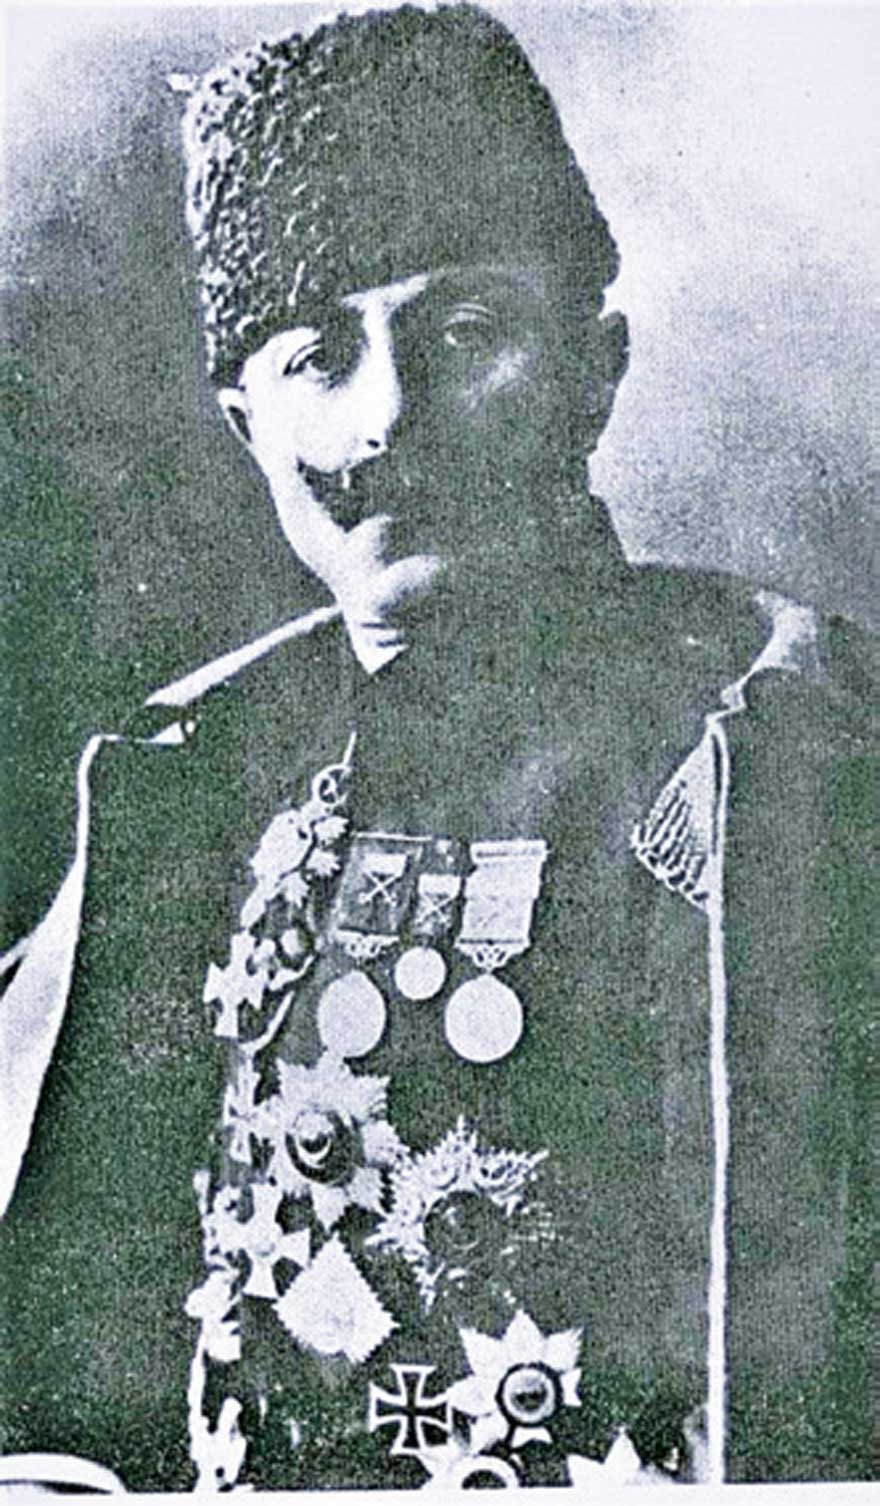 Çanakkale Deniz Zaferi Kahramanı Cevat Çobanlı Paşa.